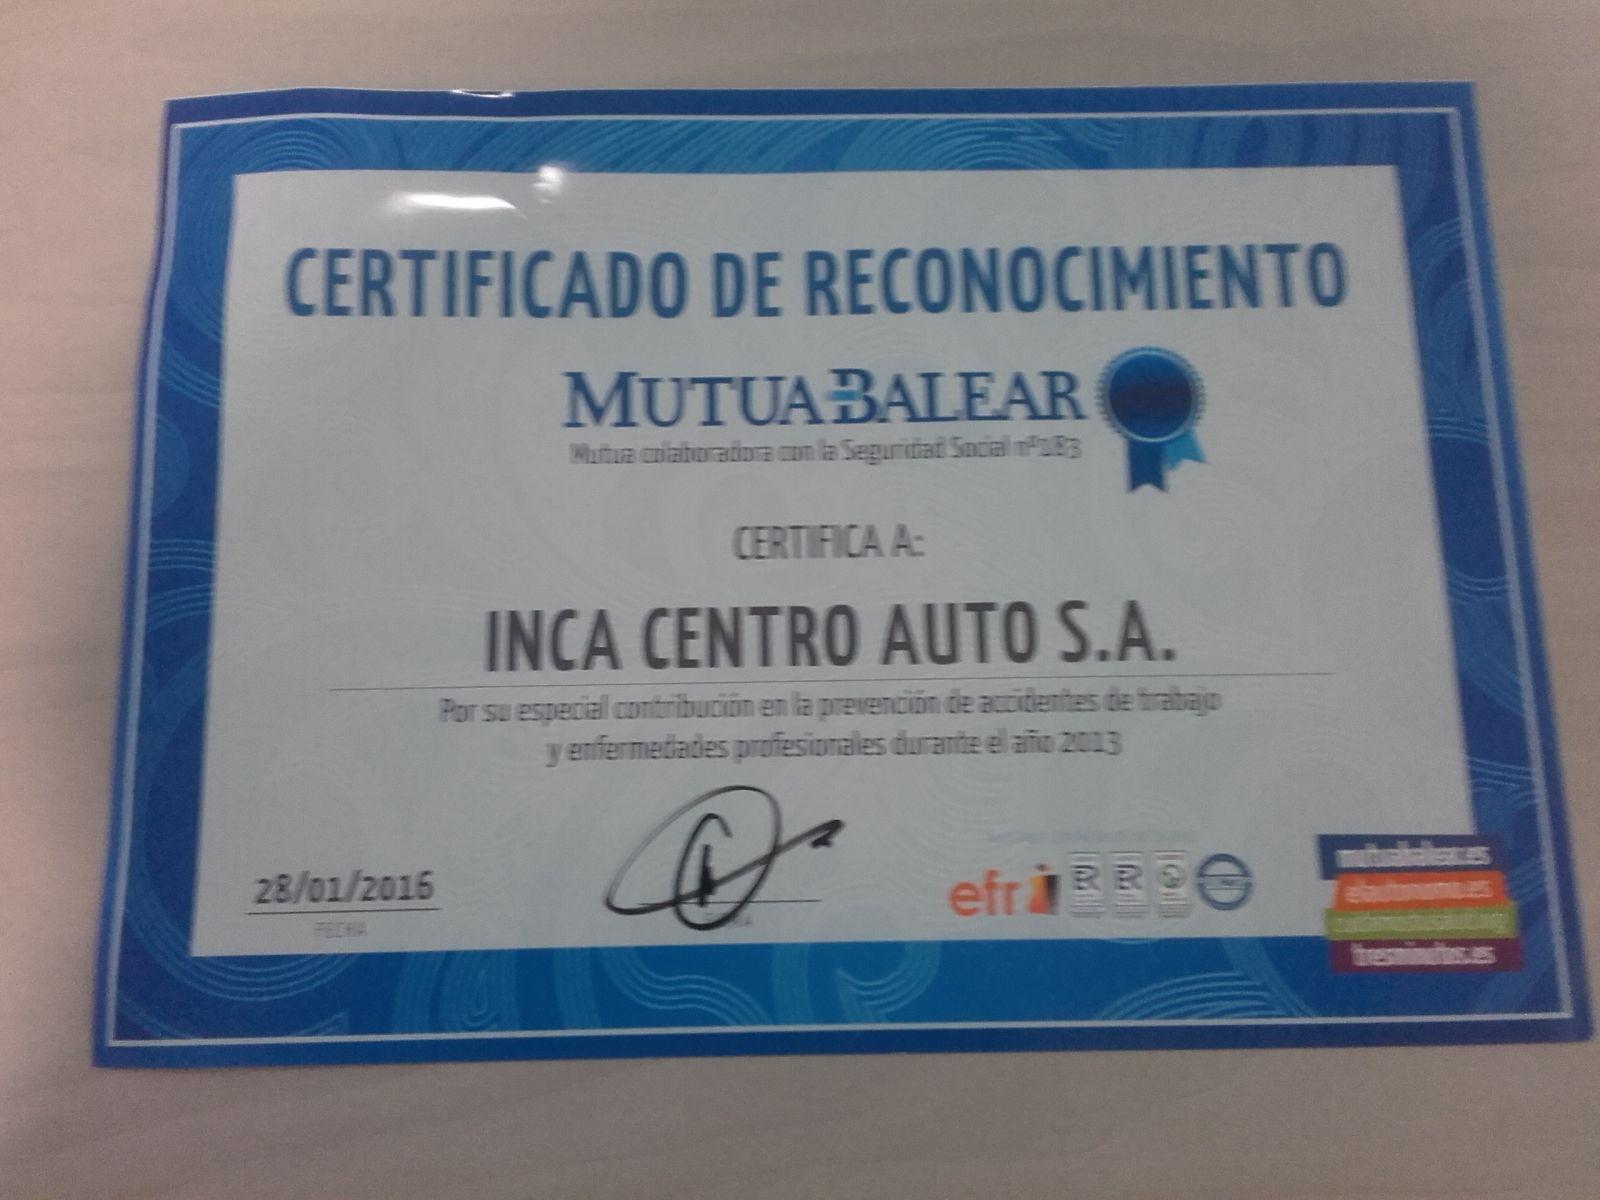 Mutua Balear otorga su Certificado de Reconocimiento a Inca Centro Auto